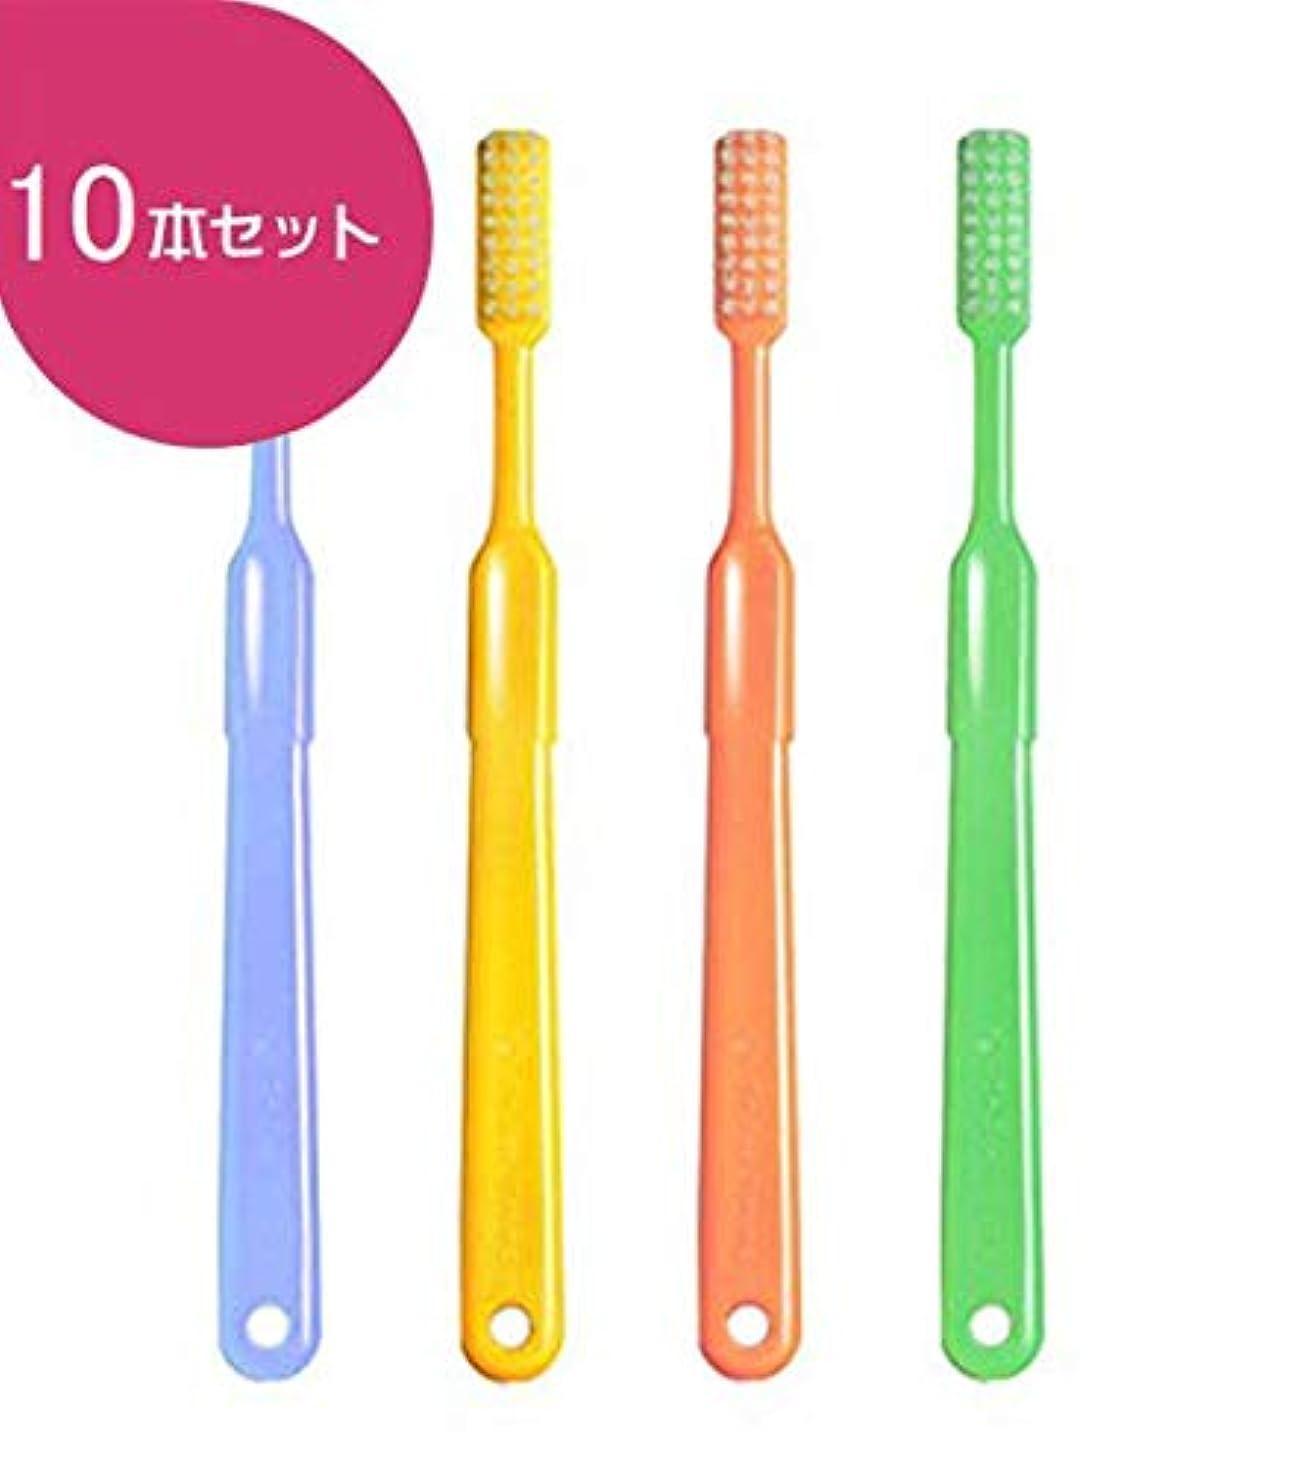 アマチュア輝度十分ですビーブランド ドクター ビーヤング 歯ブラシ 10本 (ヤングハード)